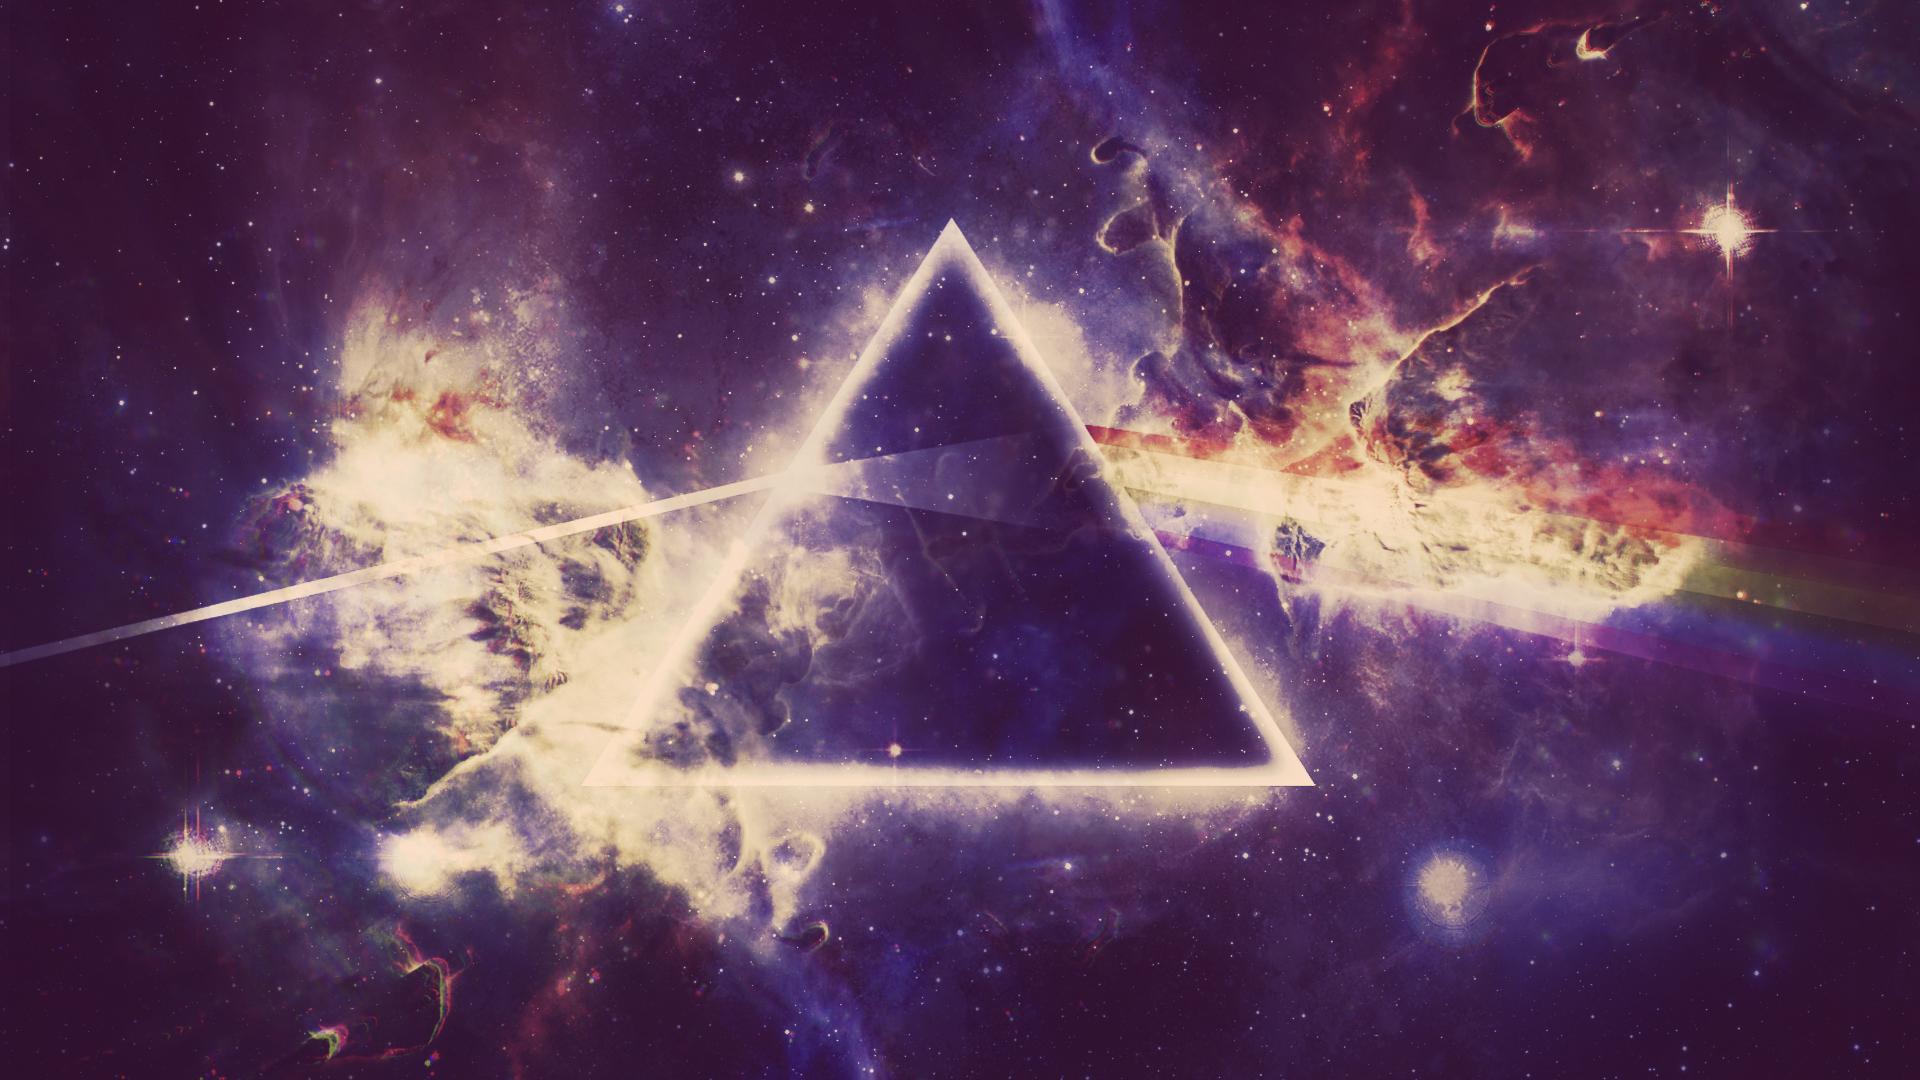 Dark Side Of The Moon Pink Floyd By Jestemejmi On Deviantart